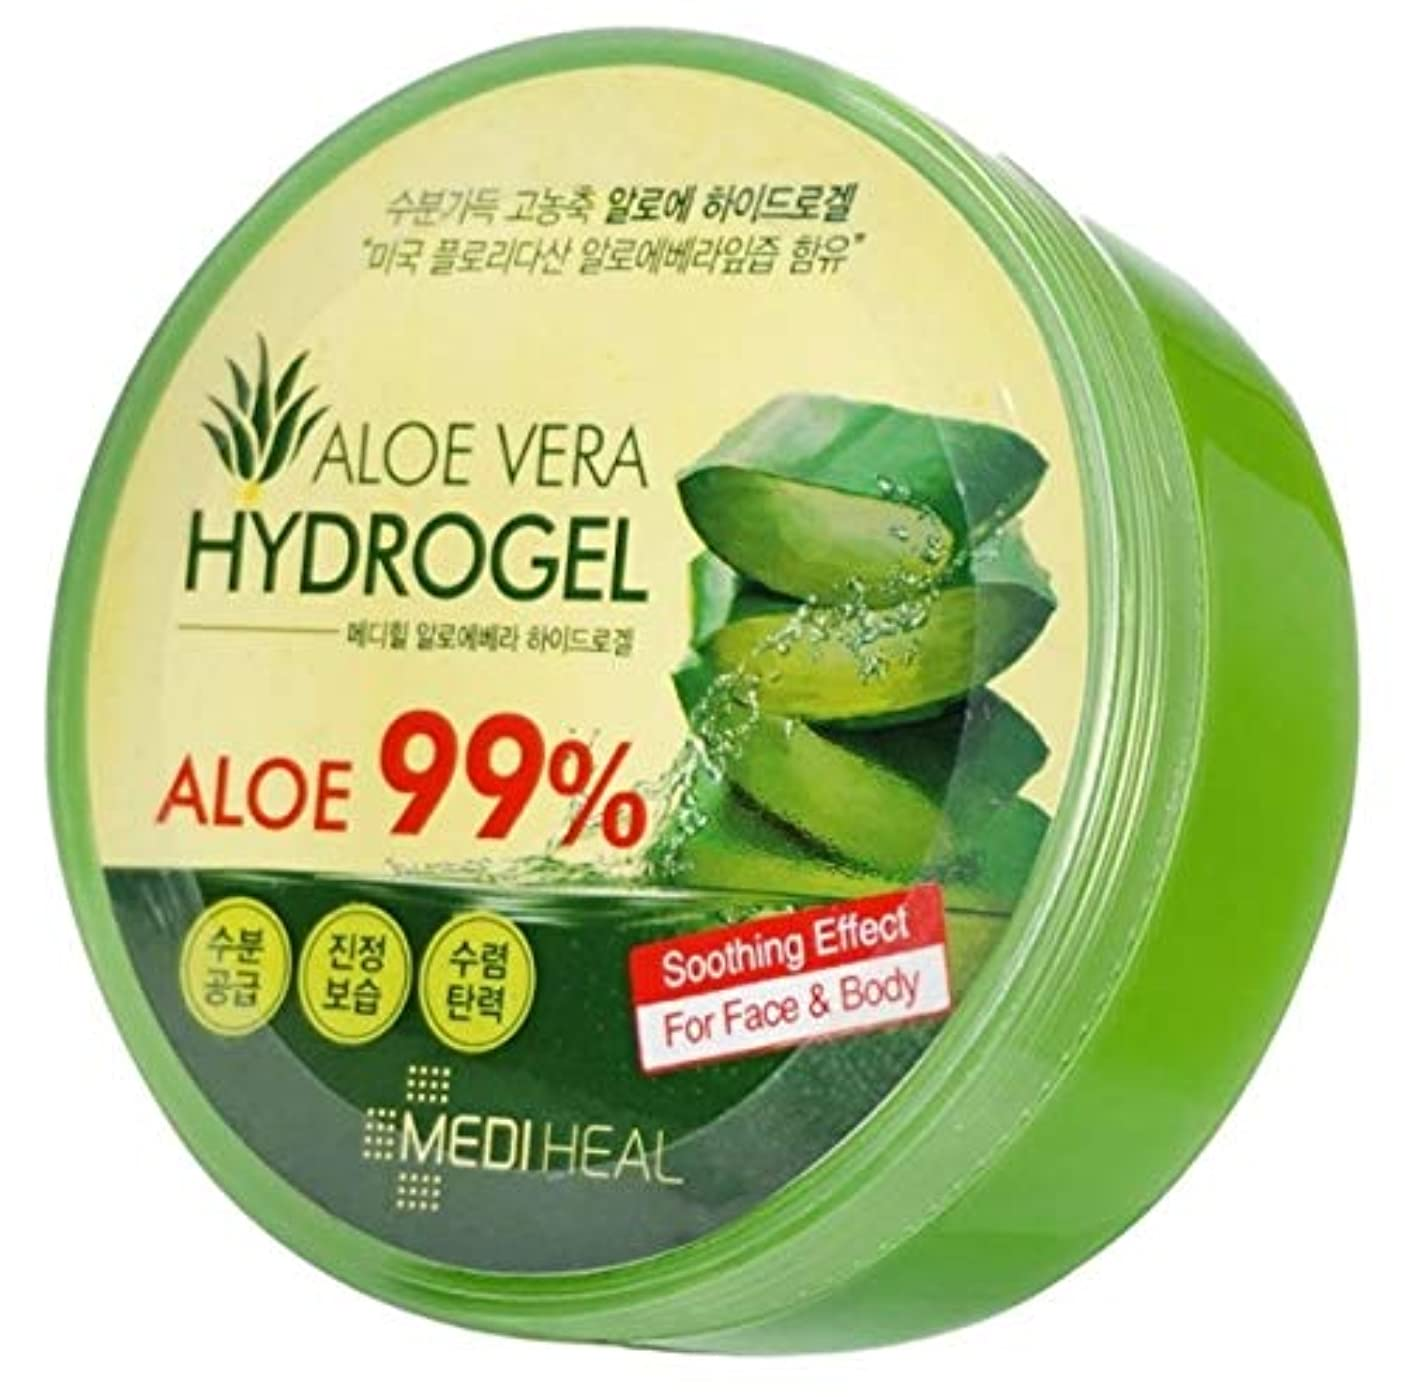 ページ宣伝観点Mediheal メディヒール Skin Soothing なだめるような & Moisture 水分 99% Aloe アロエ Vera Hydro Gels ハイドロゲル